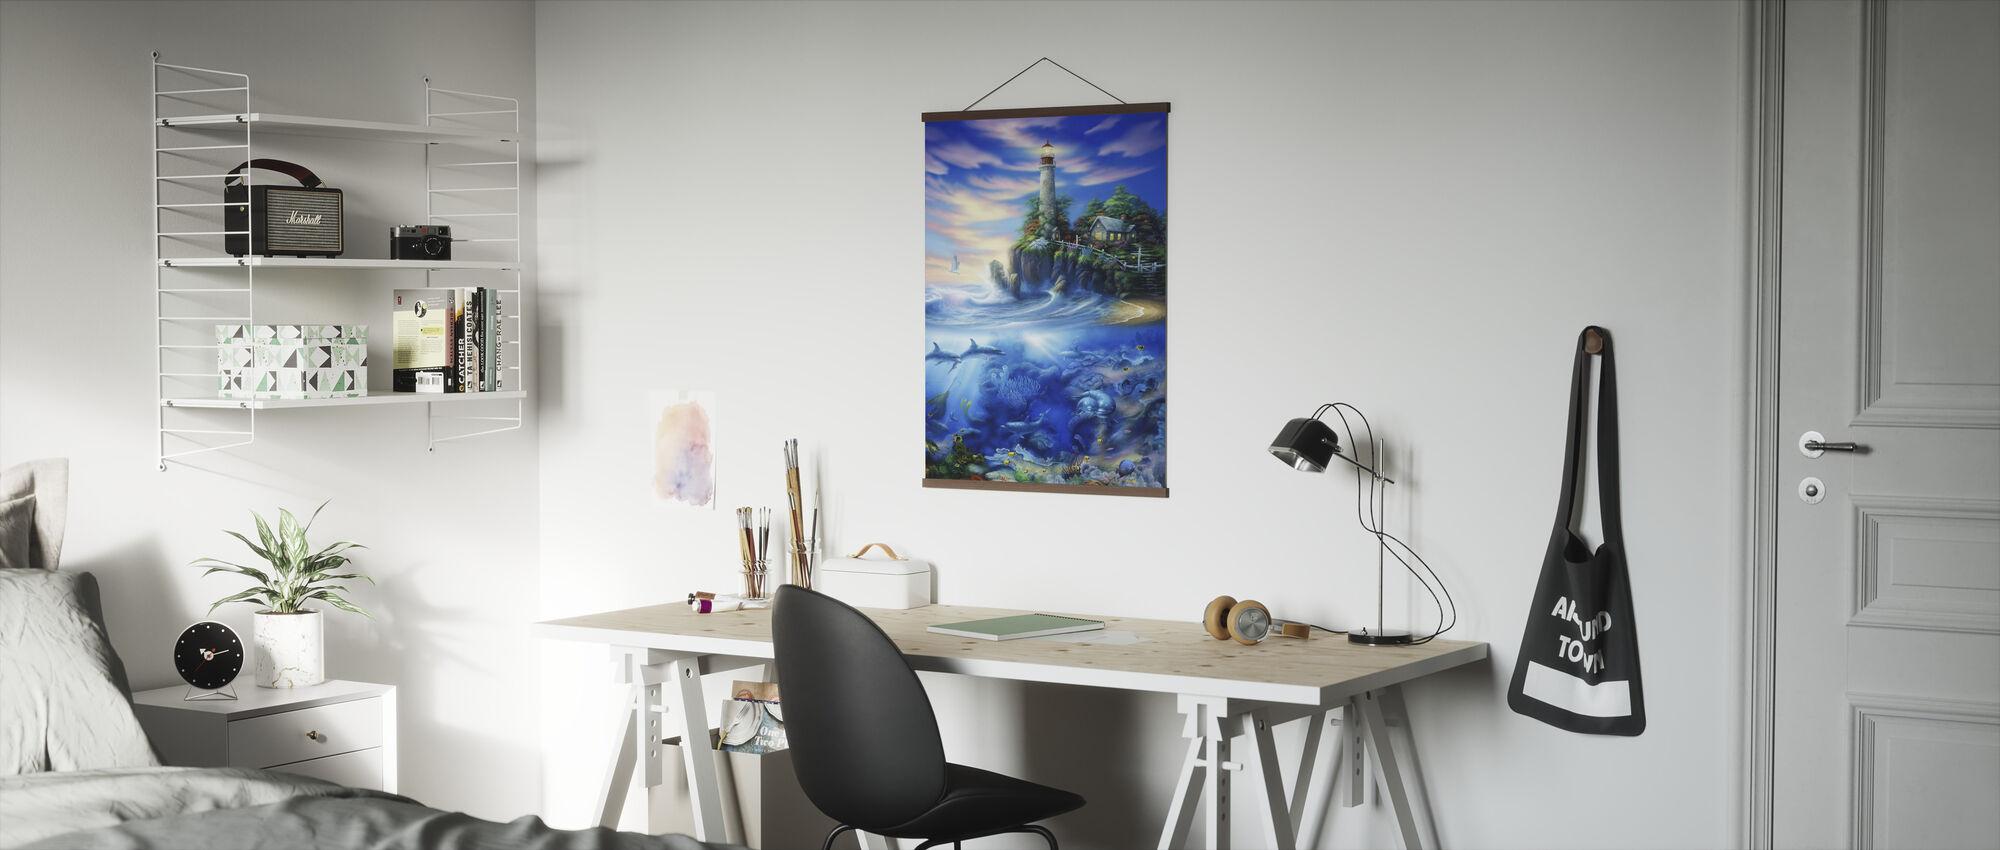 Eeuwige Licht - Poster - Kantoor